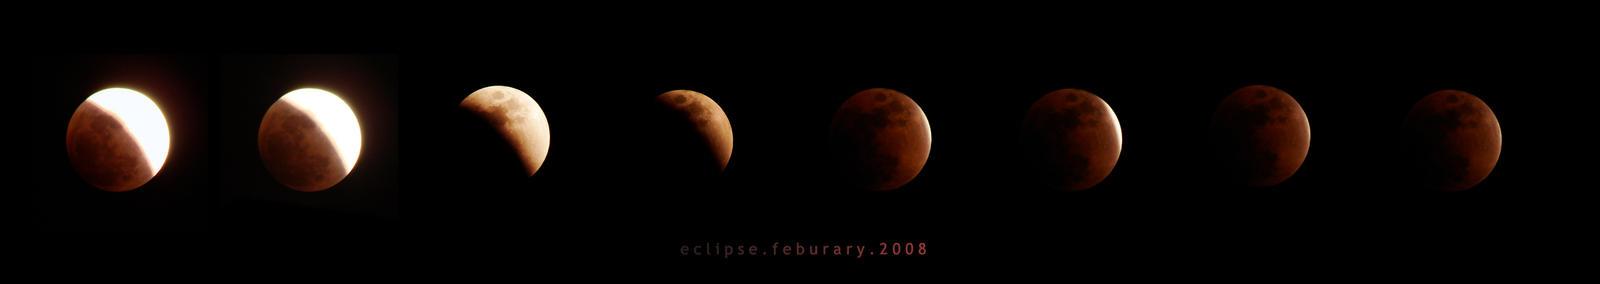 lunar eclipse by ryokogirle